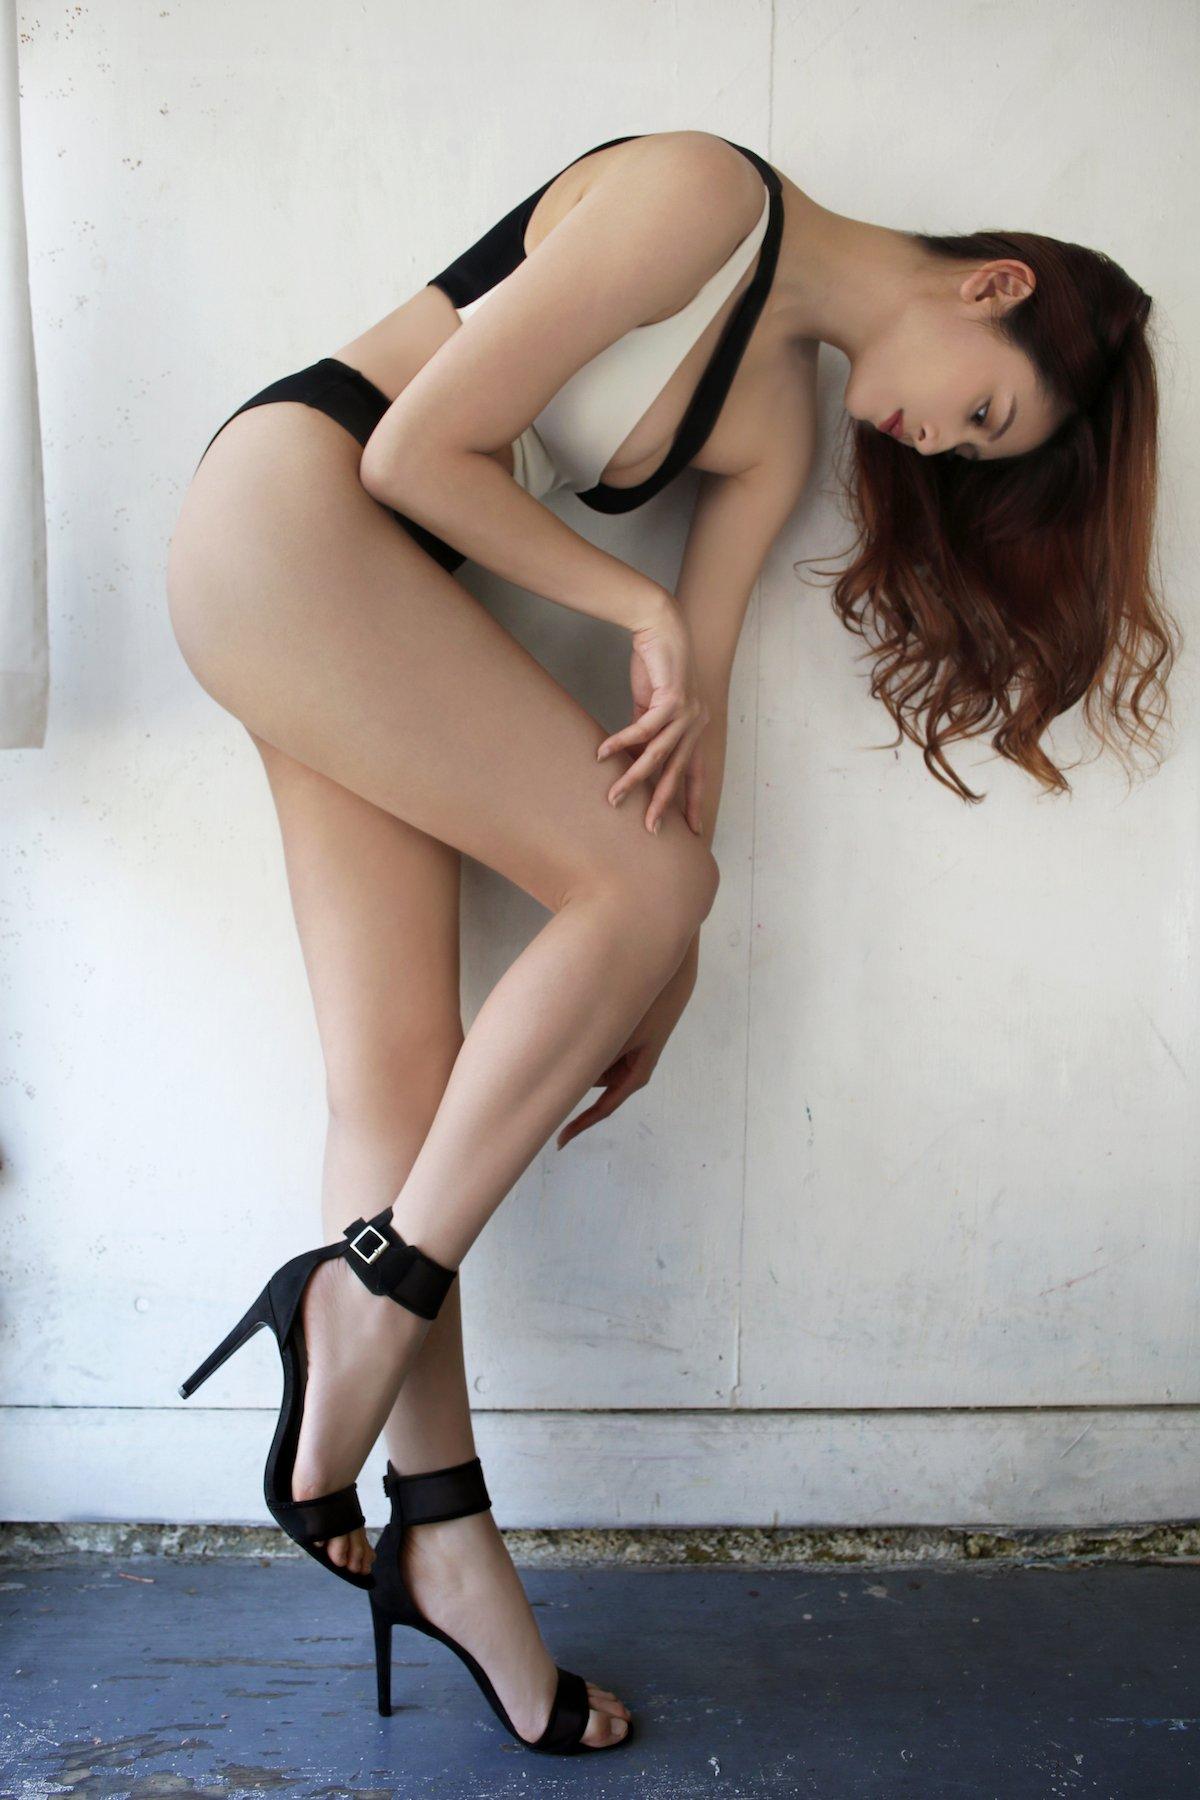 アンジェラ芽衣「ため息の出そうな美脚」『ヤングアニマル』アザーカット大公開!【画像7枚】の画像002